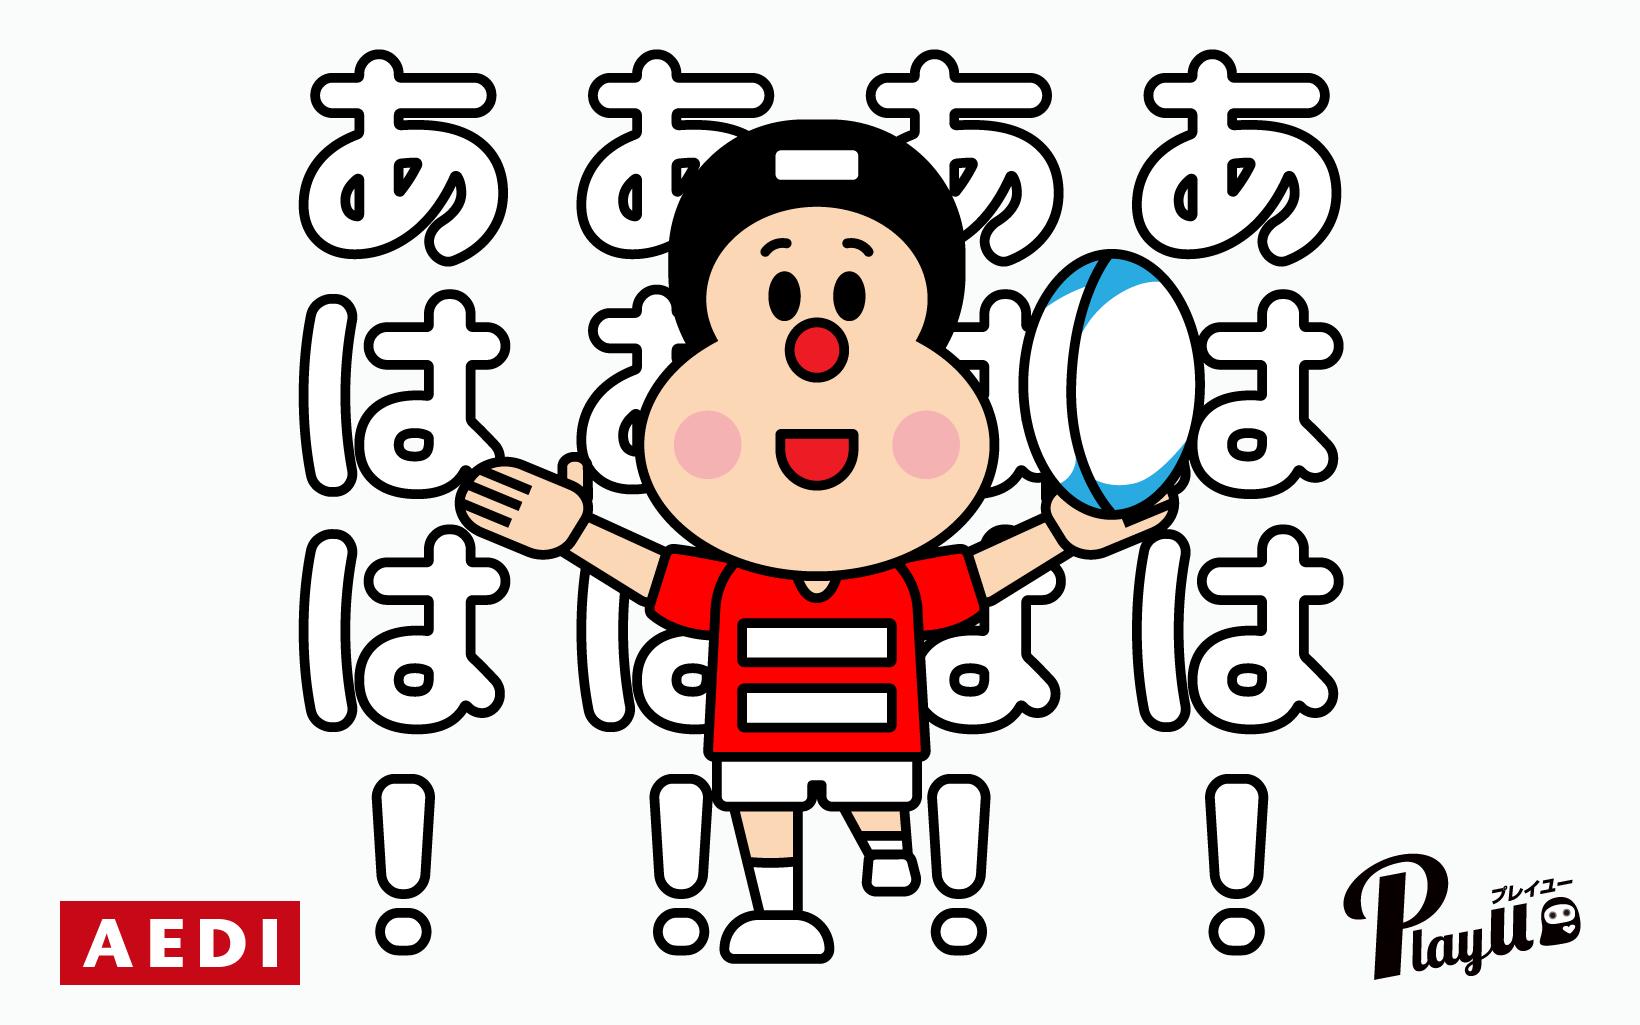 ラグビー ラグ太郎 LINEスタンプ キャラクターデザイン